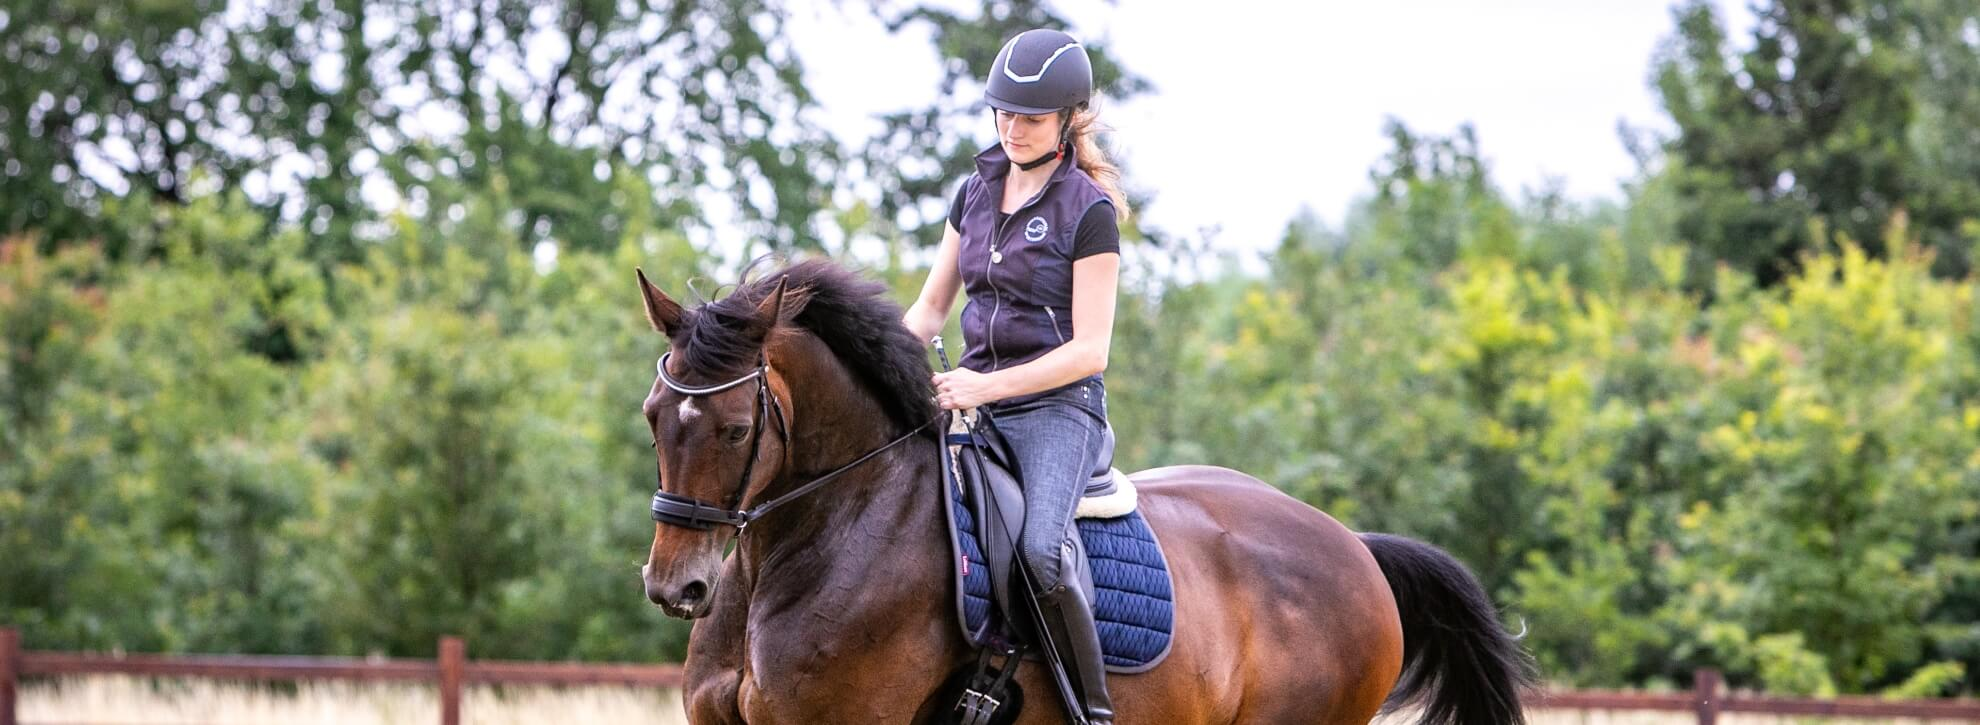 Van moeilijke training naar het next level met je paard - Two Happy Athletes Podcast